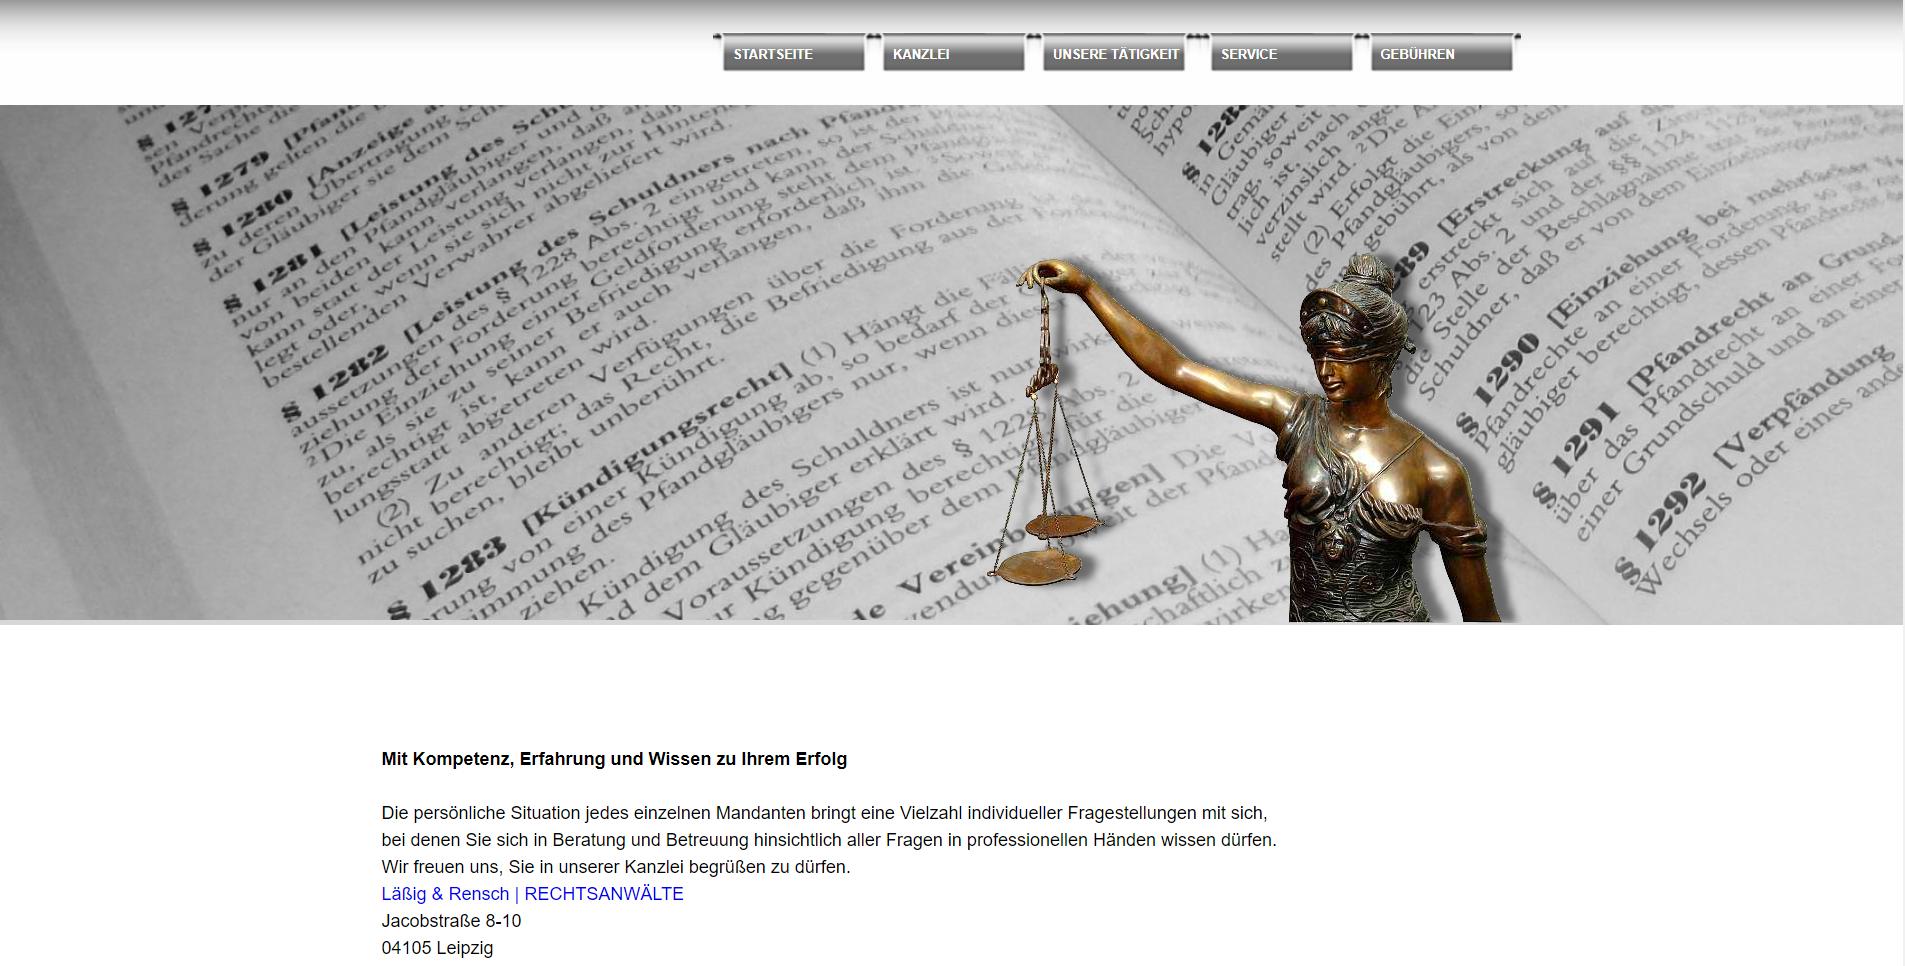 Rechtsanwalt Startseite